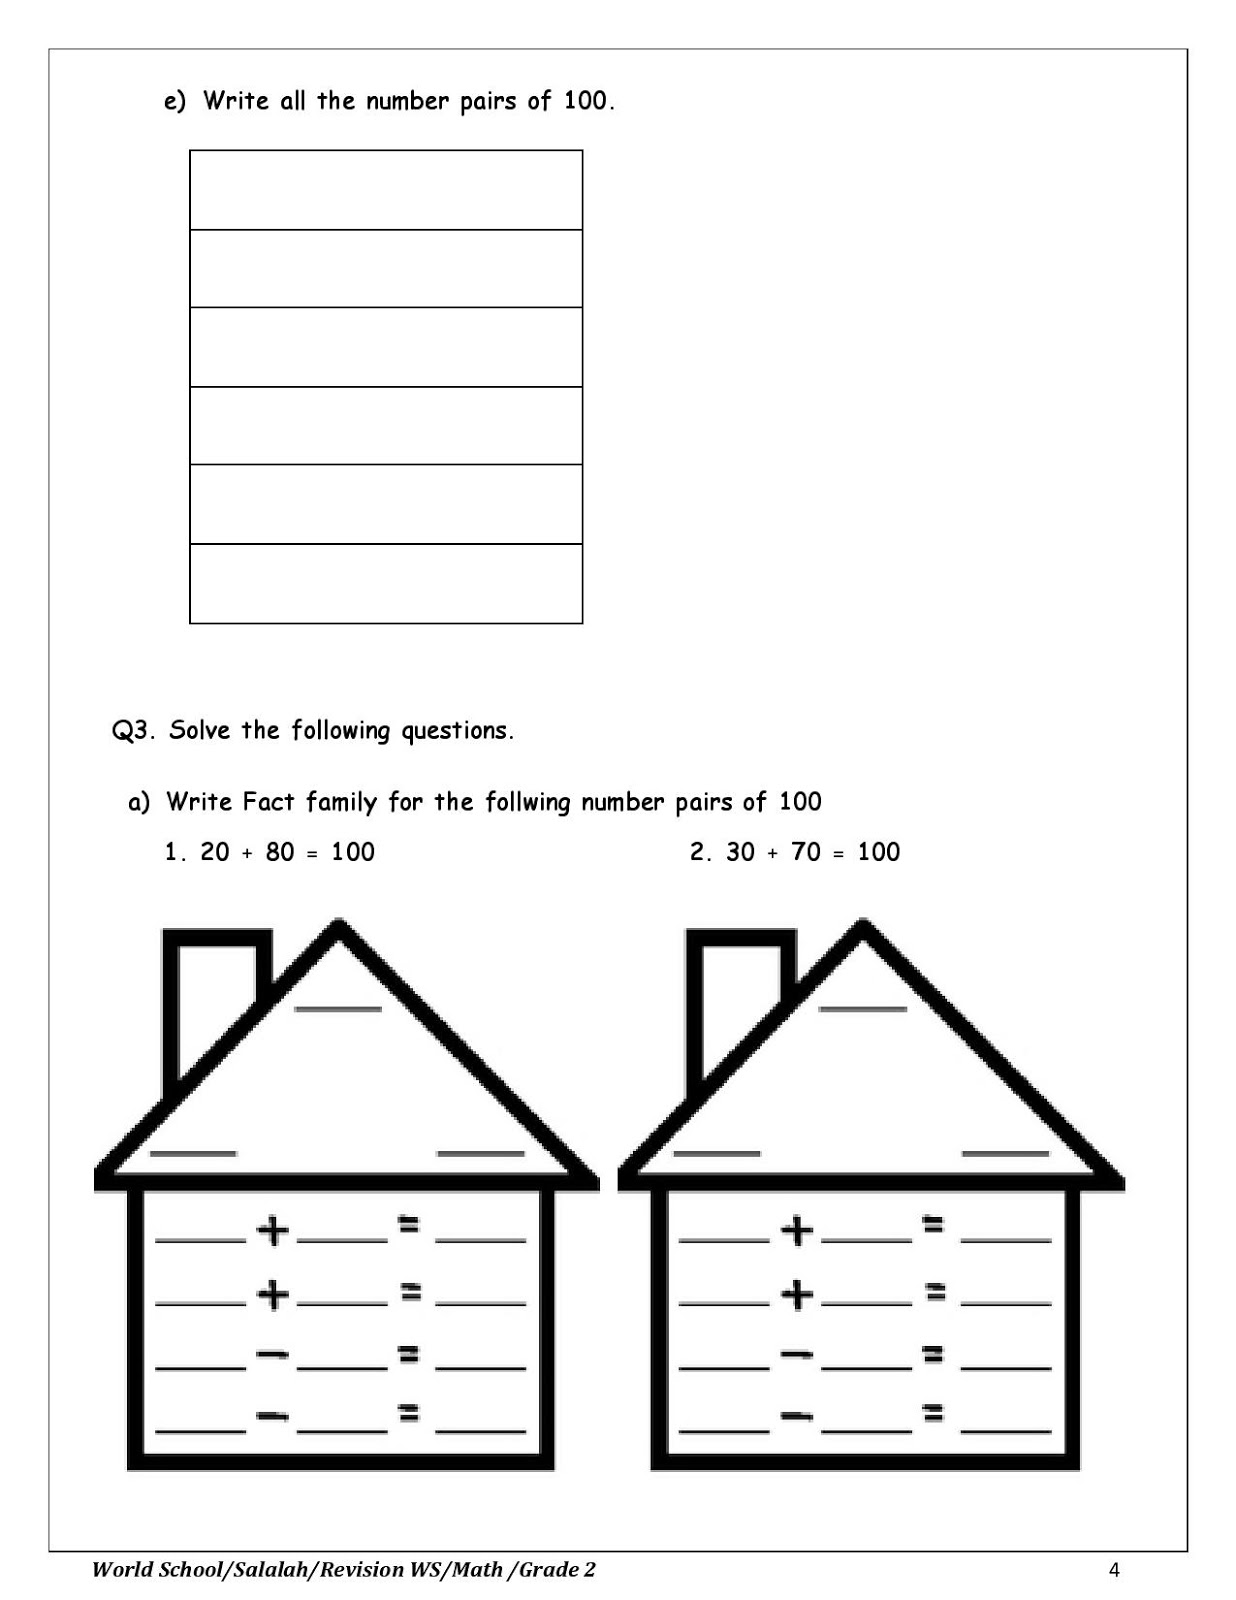 Birla World School Oman Revision Worksheet For Grade 2 As